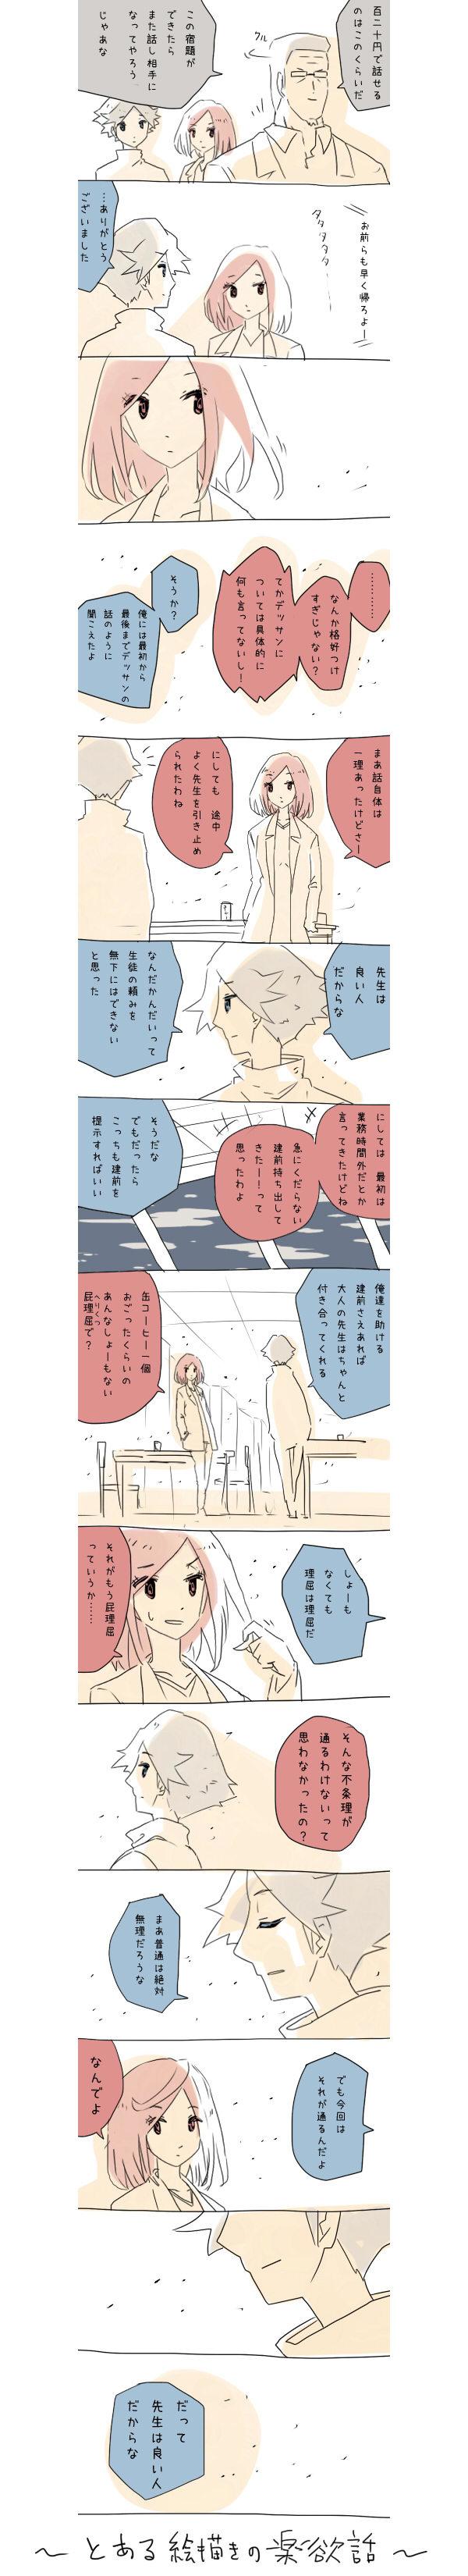 b21_14.jpg